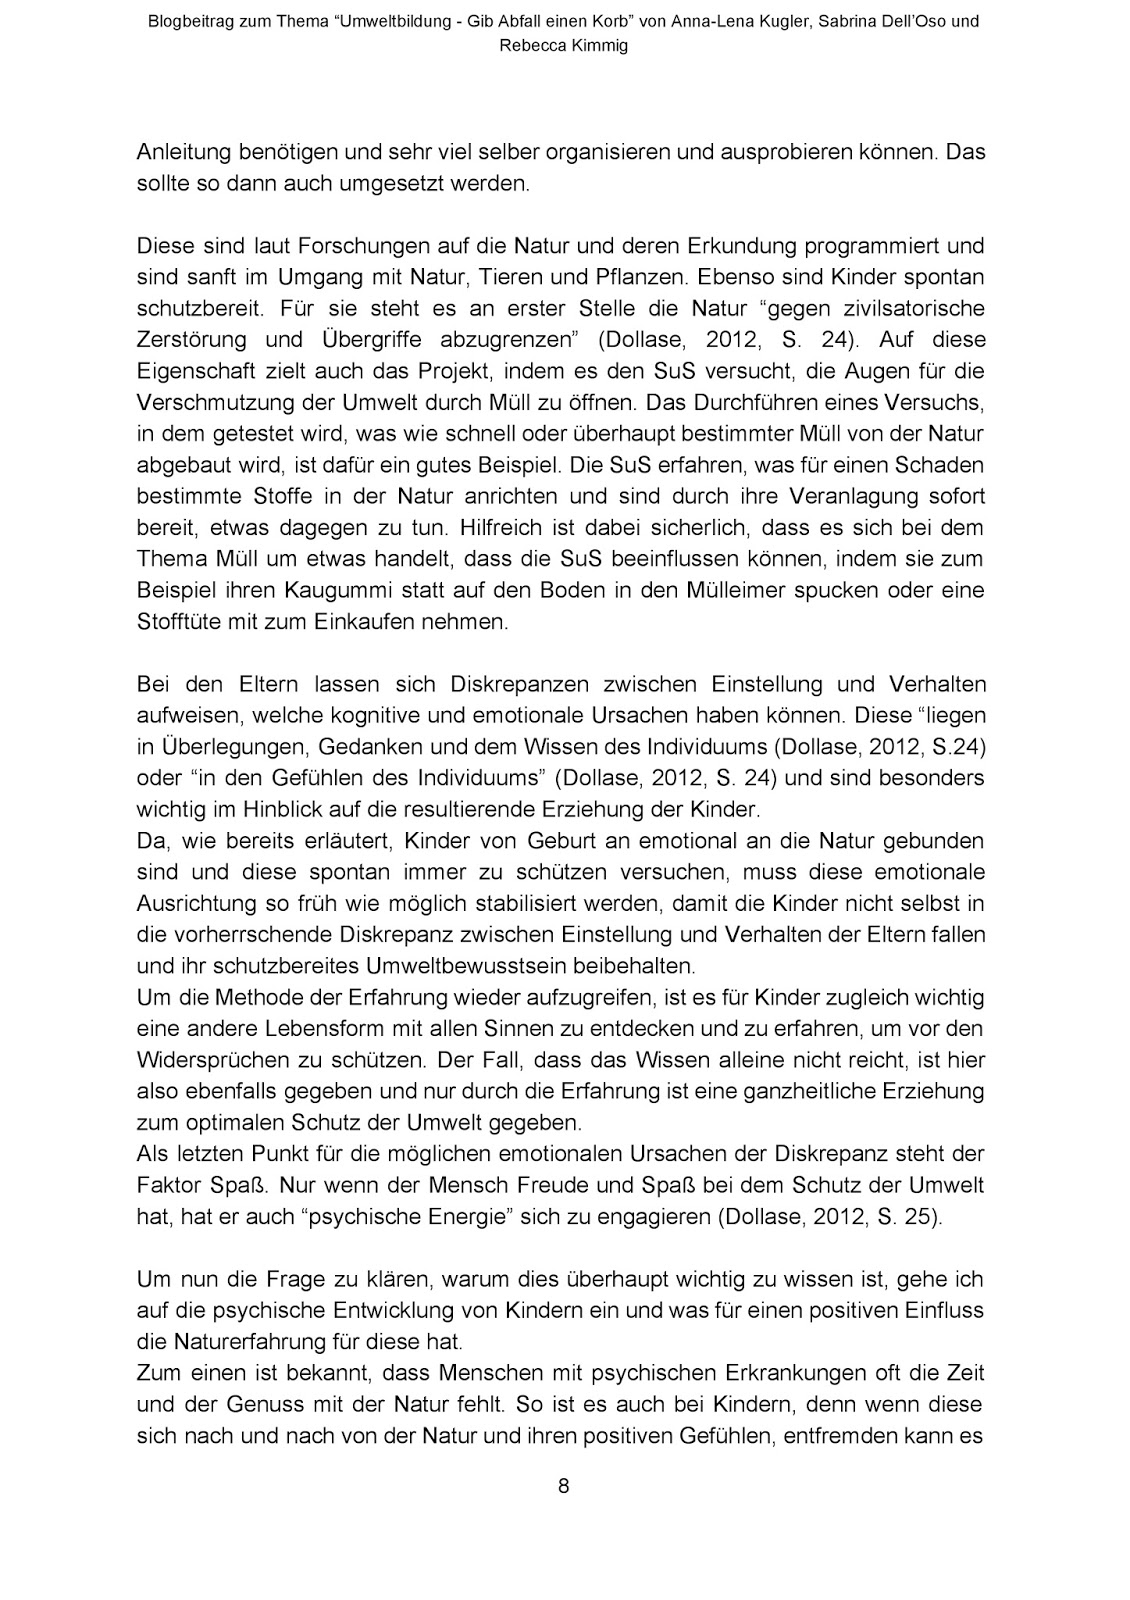 Atemberaubend Cna Wieder Beispiele Erfahrung Ideen - Beispiel ...